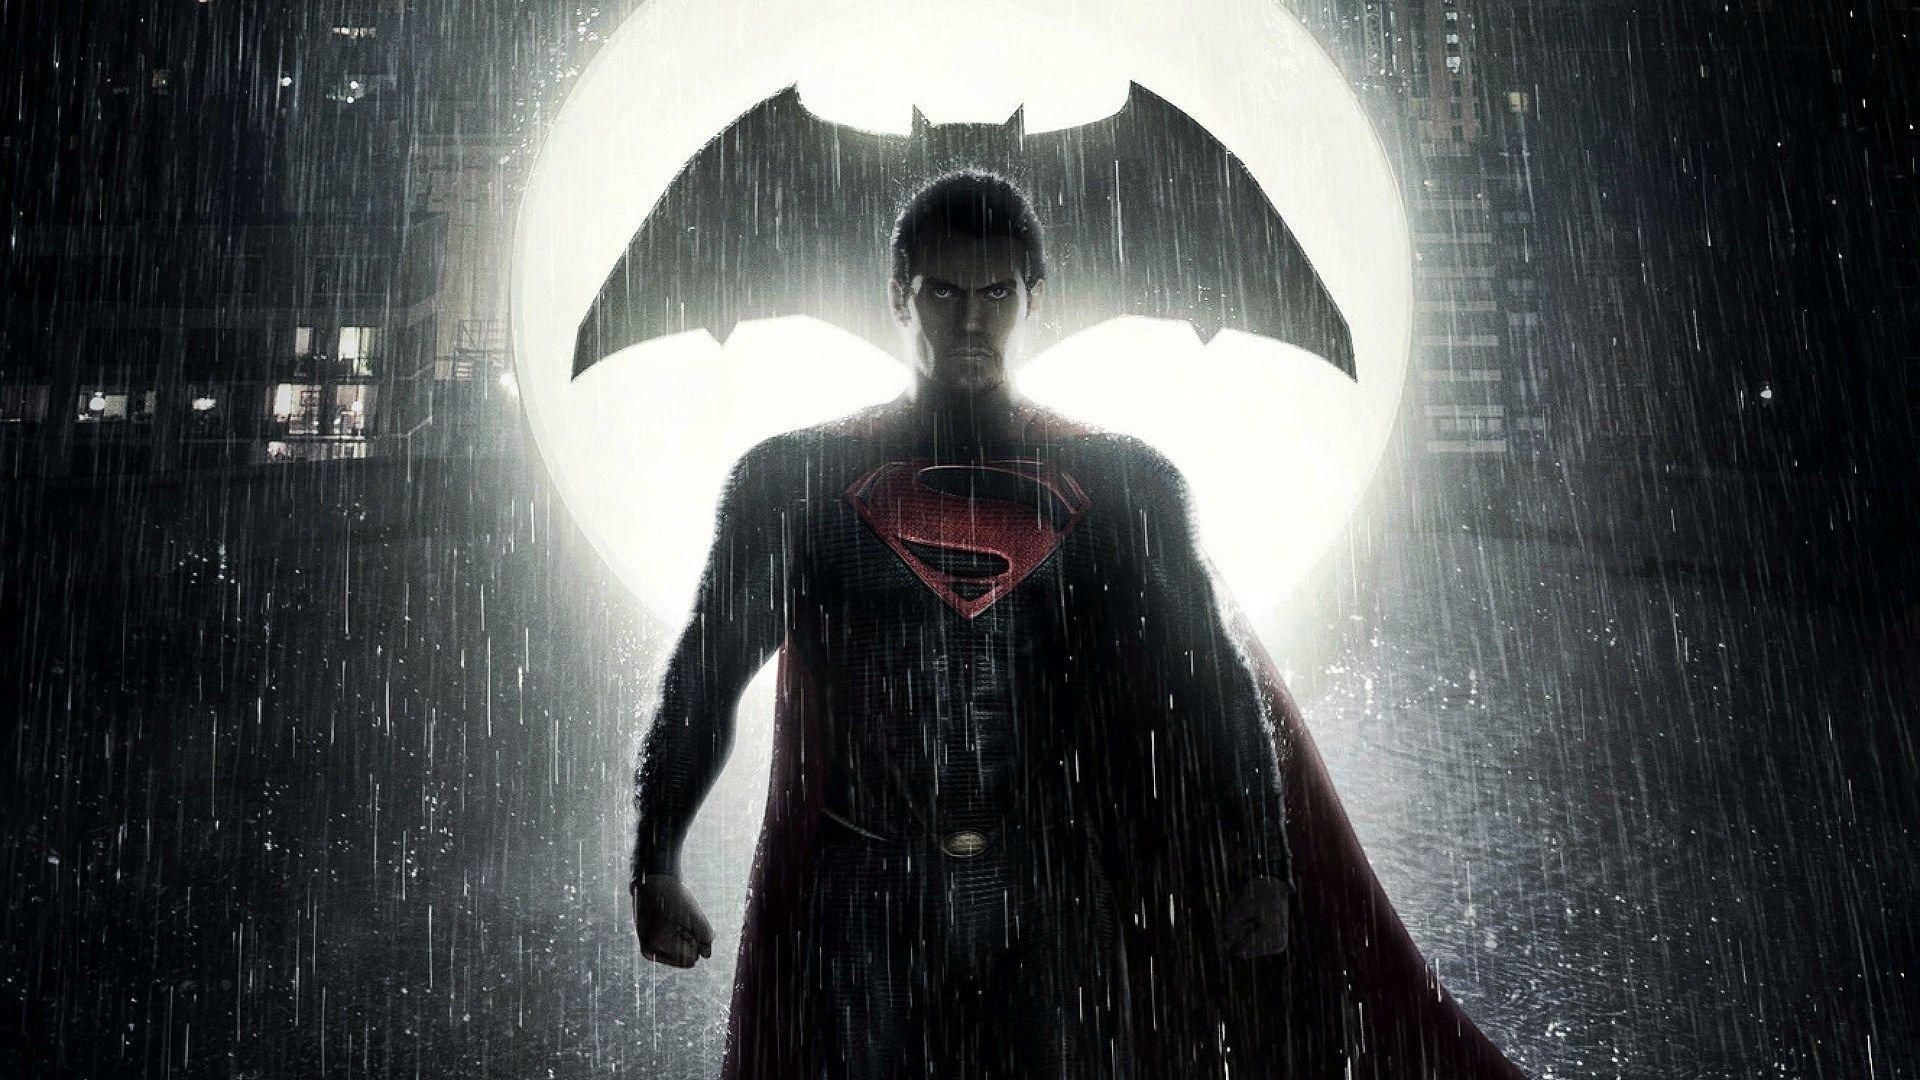 Hd Batman Vs Superman 1080p Wallpaper Batman Superman Wallpaper Batman Wallpaper